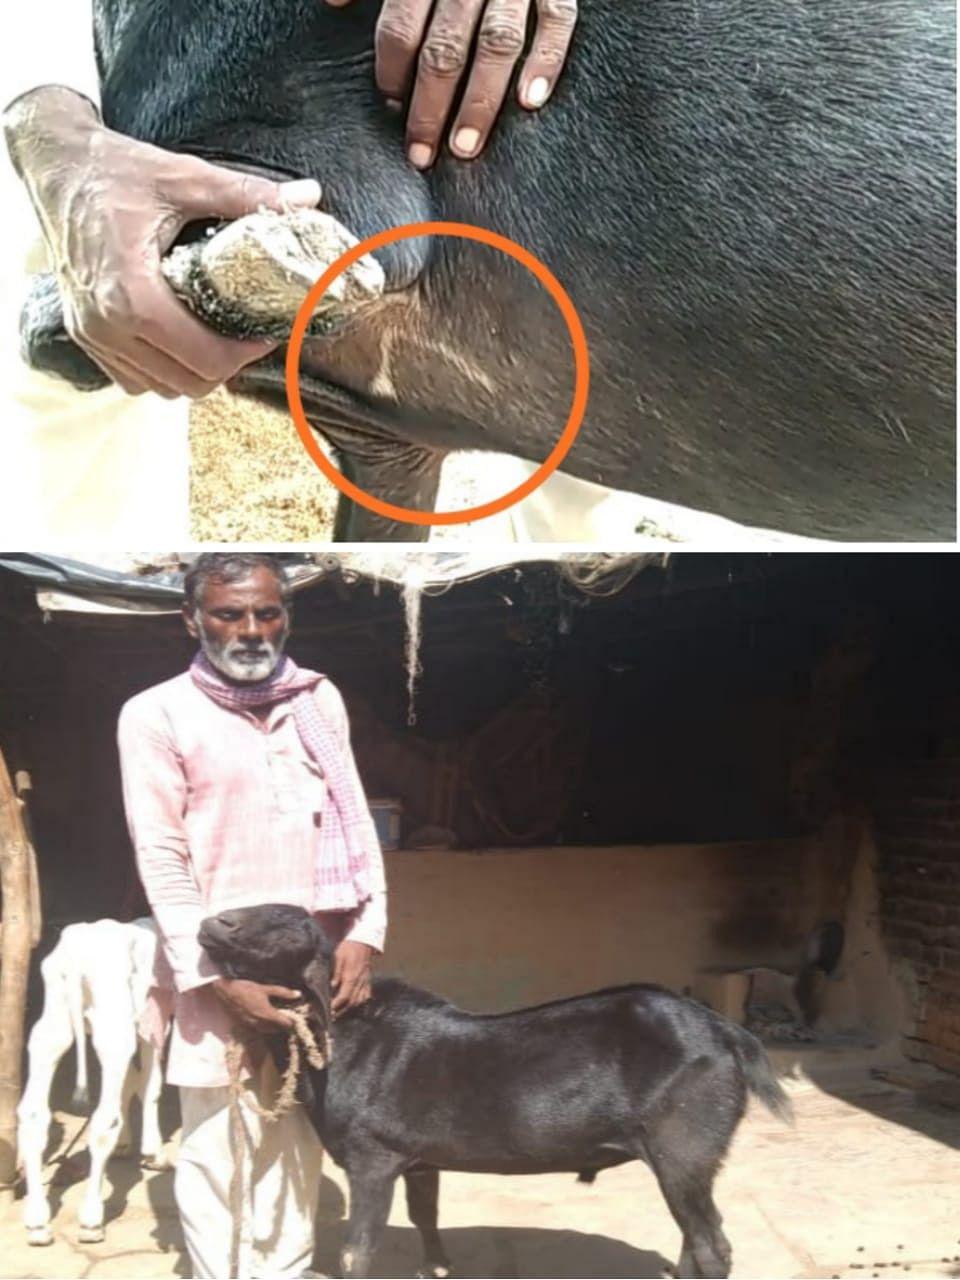 हमीरपुर: चांद बने बकरे की बोली लगी एक करोड़